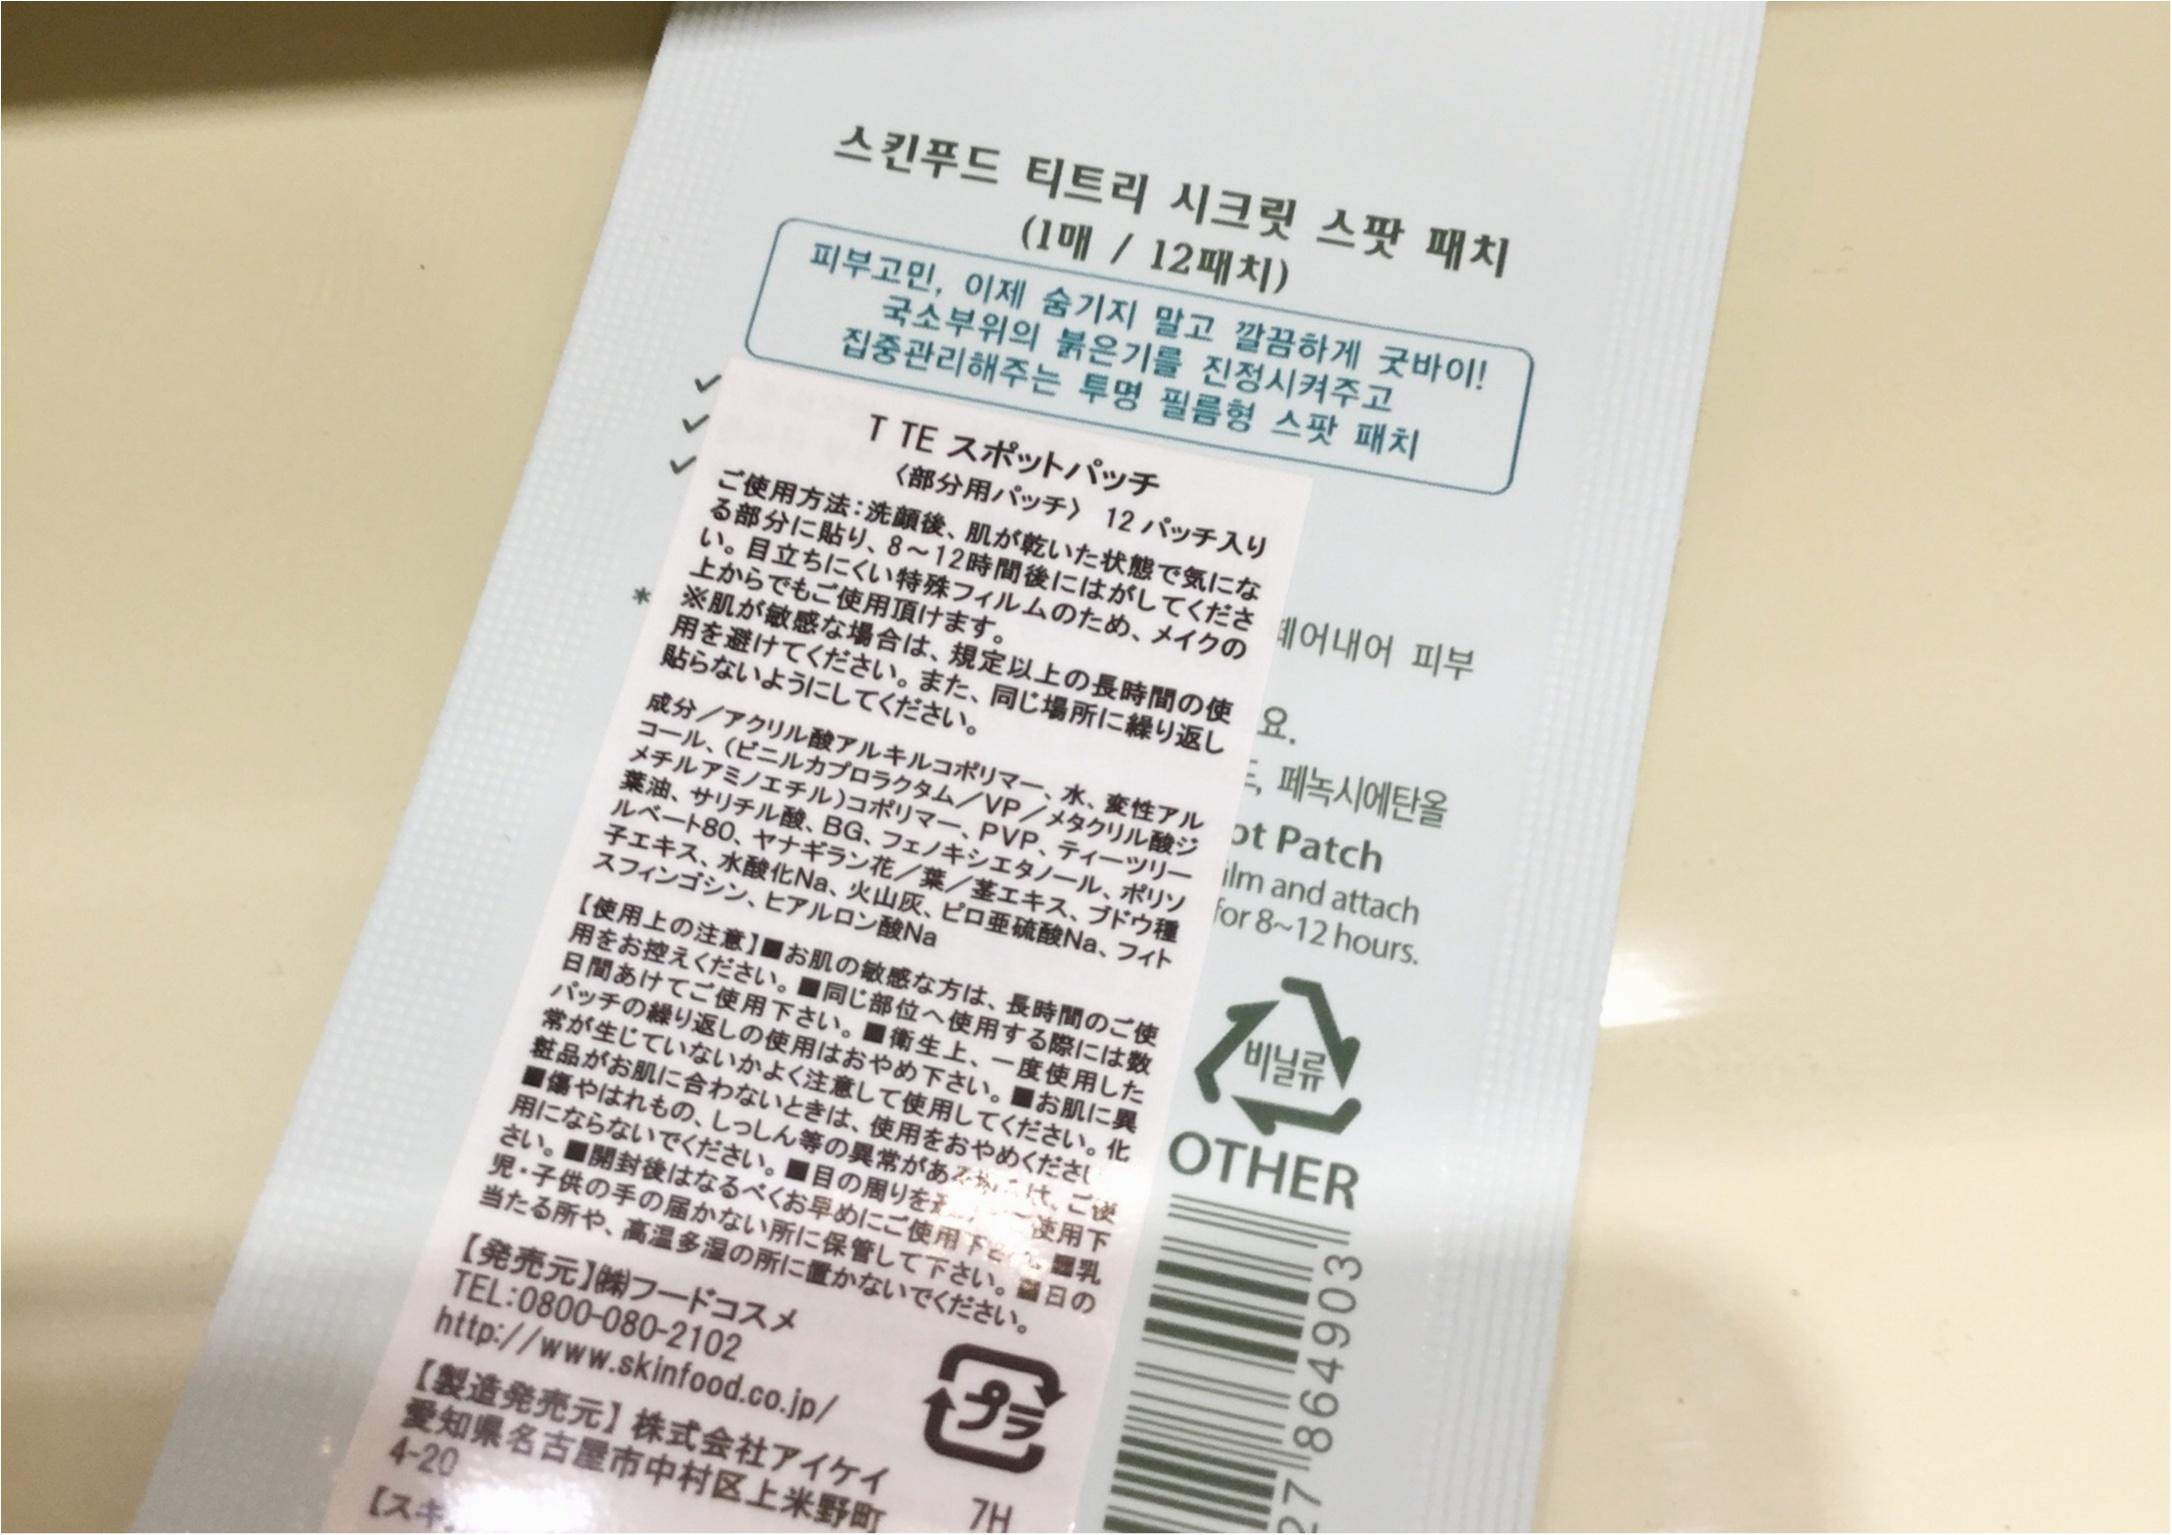 【ニキビケア】たった200円!韓国のみならず日本でも話題沸騰中のスキンフードの《ティーツリー シークレットスポットパッチ》でニキビのない肌へ♡_3